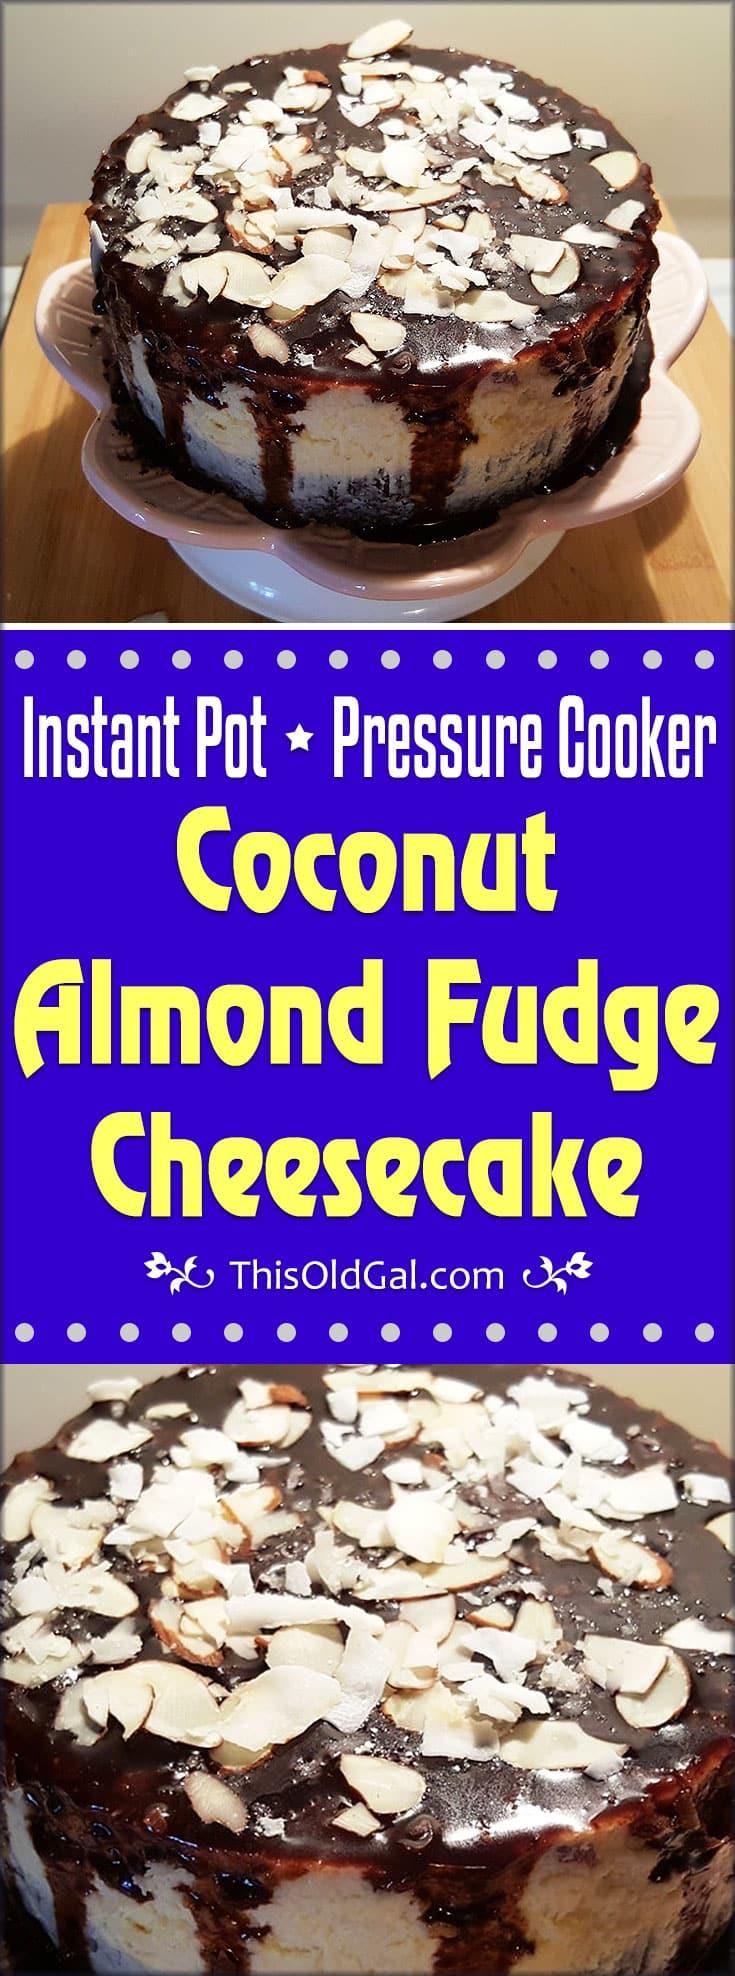 Pressure Cooker Coconut Almond Fudge Cheesecake